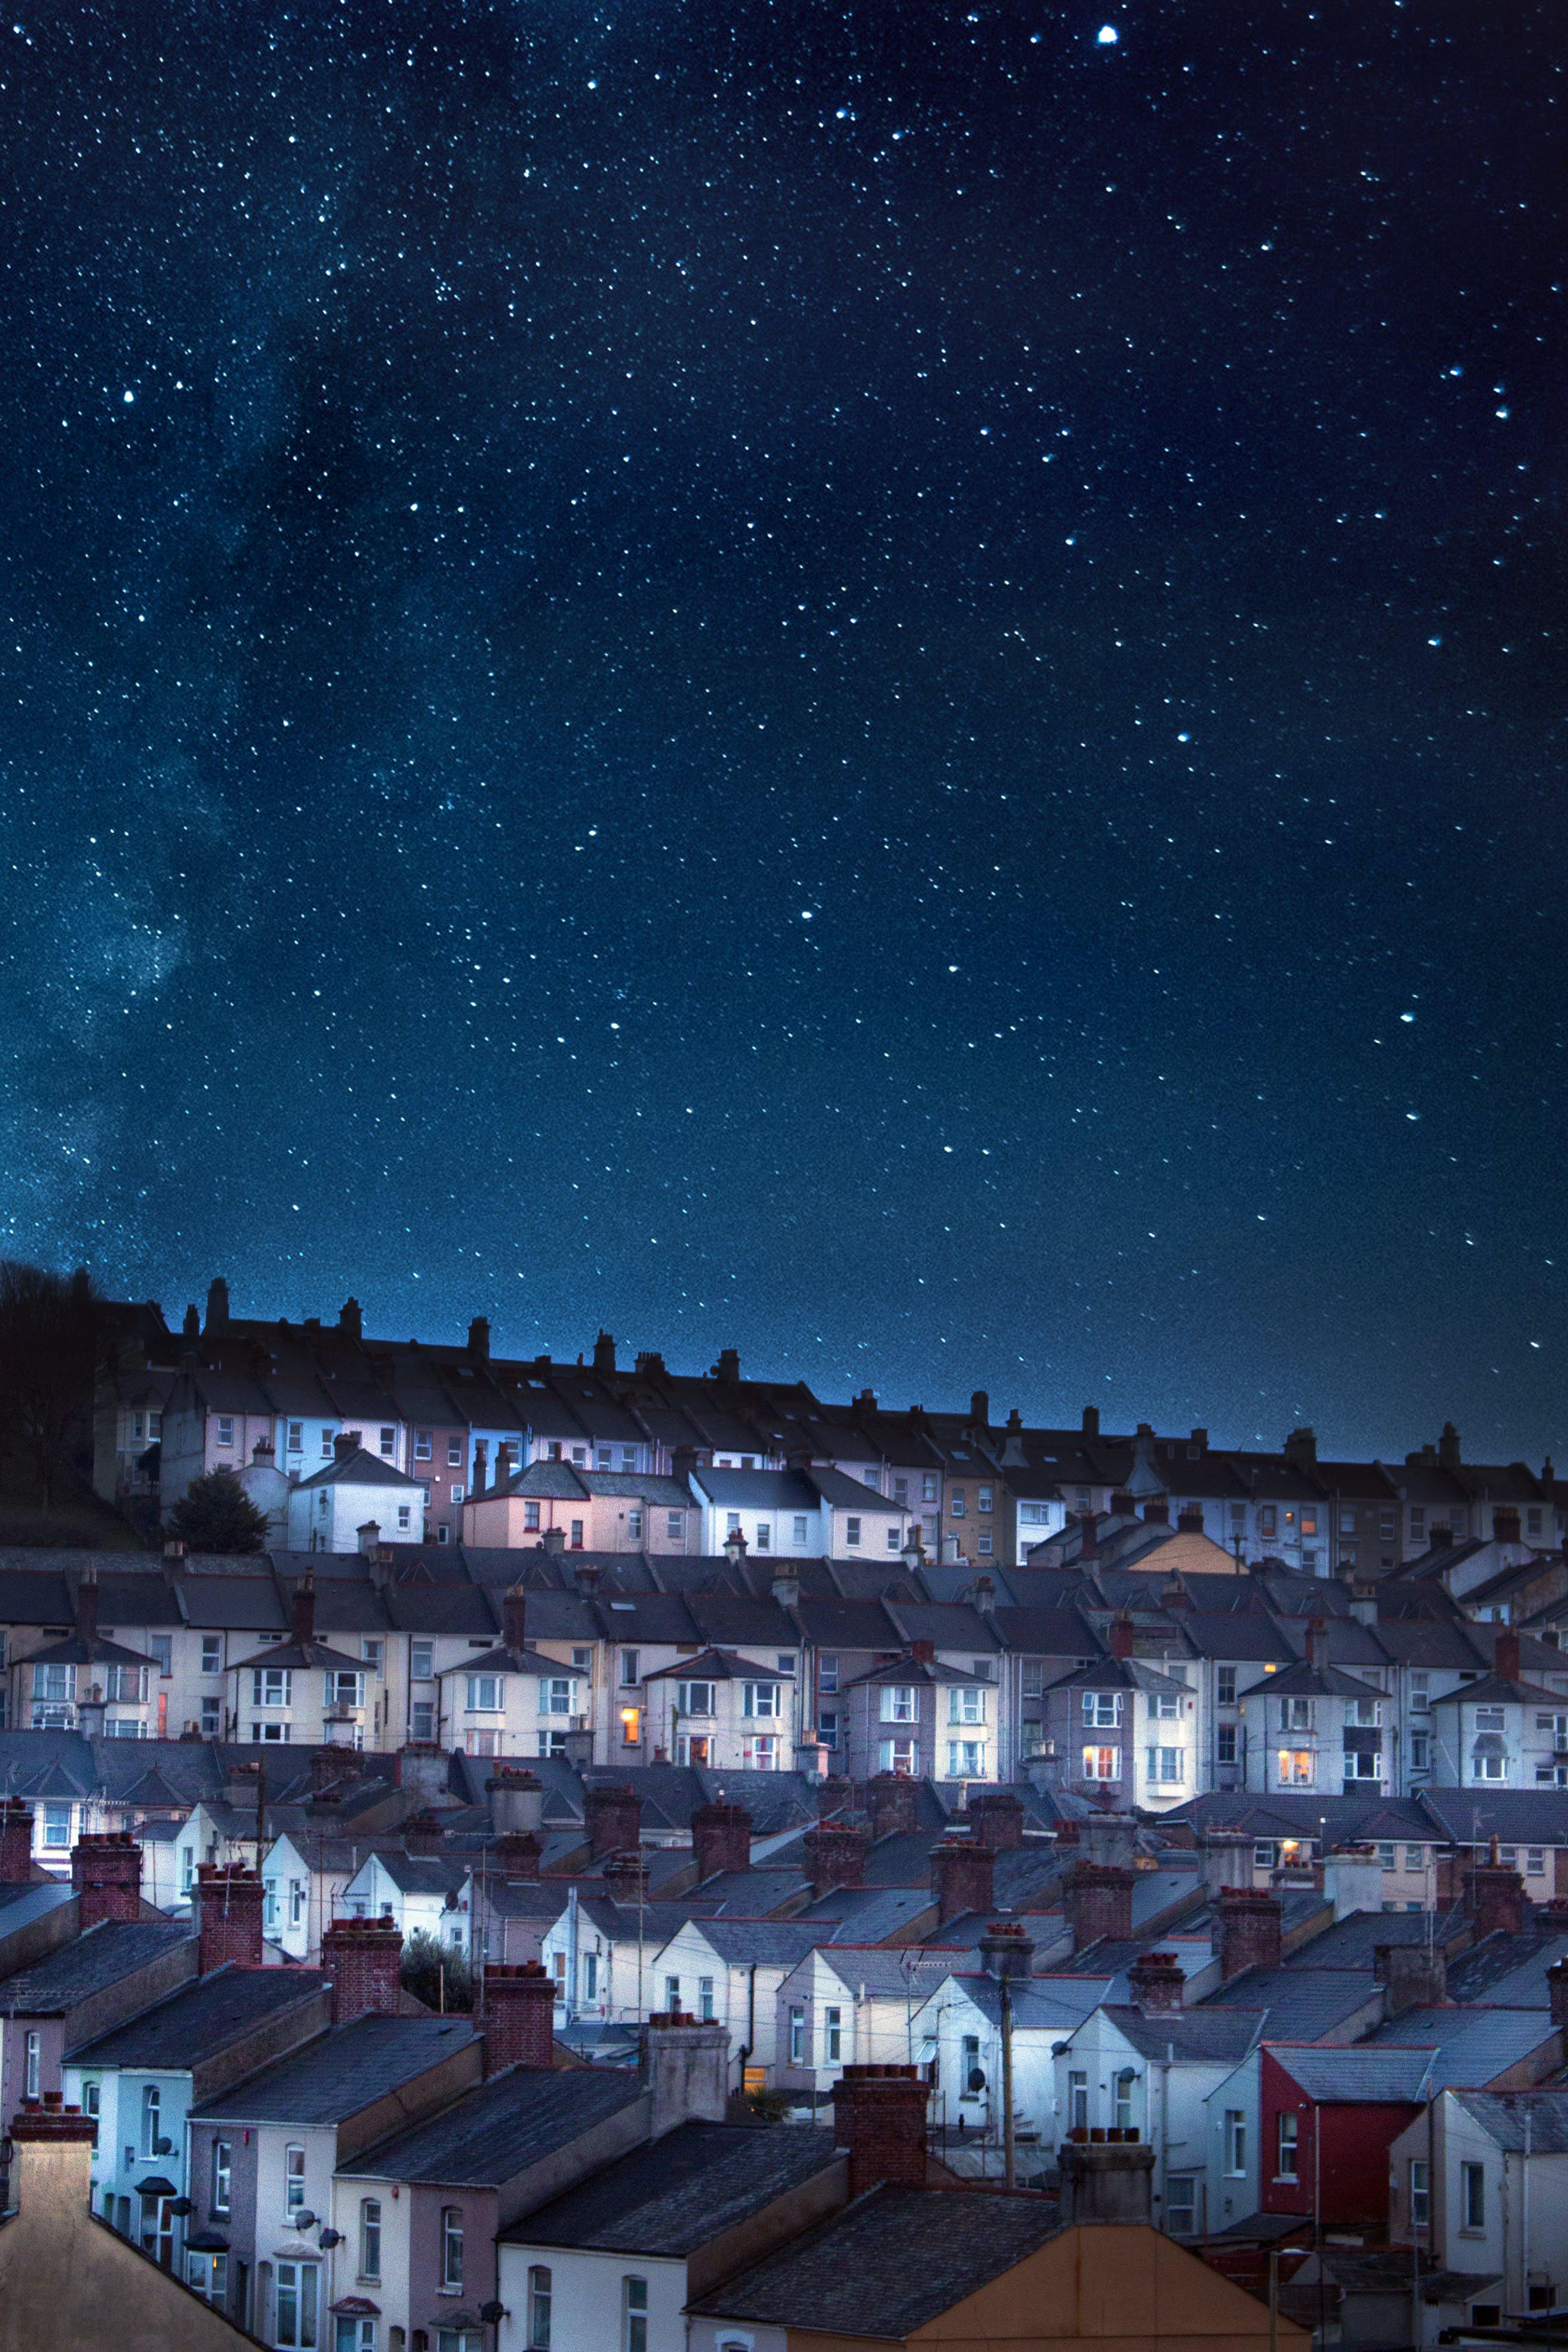 Foto profissional grátis de arquitetura, casas, céu, céu estrelado